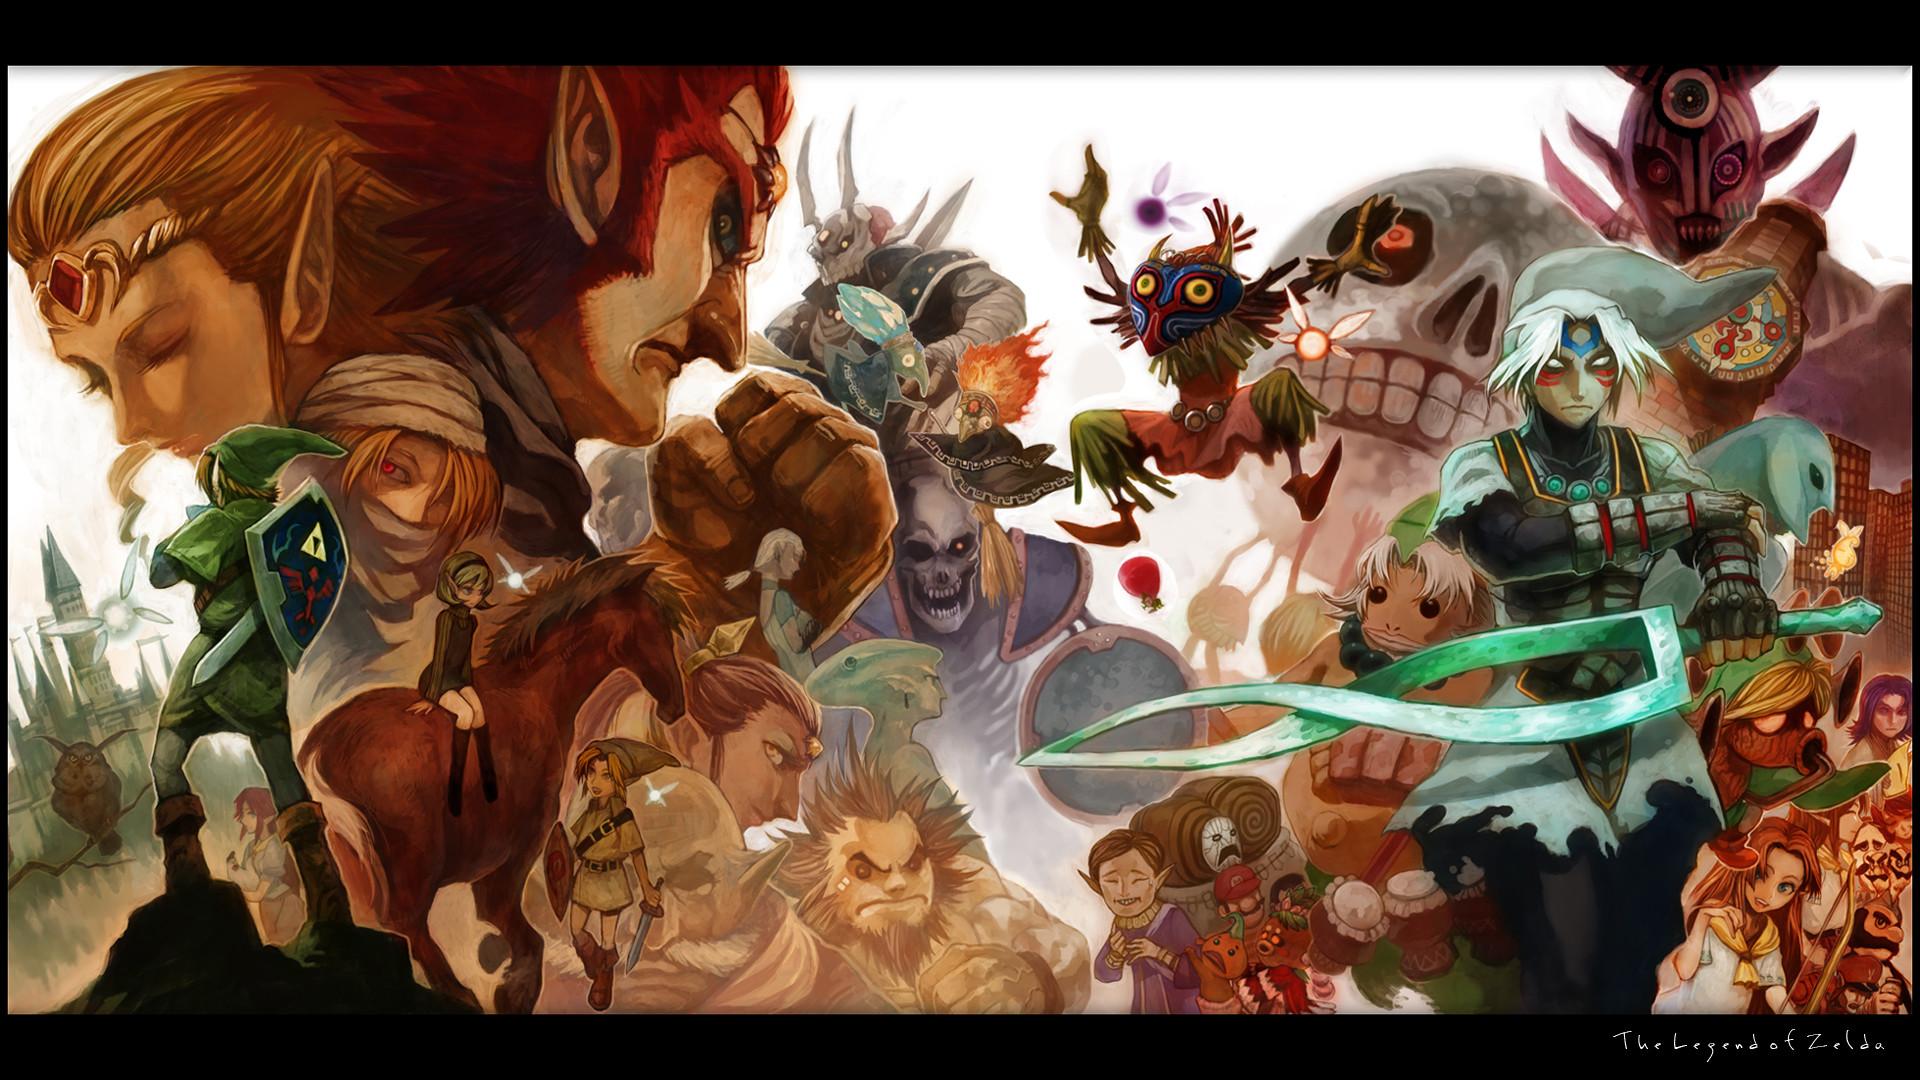 Ganondorf lack link (zelda) sword the legend of zelda weapon zelda wallpaper  | | 76478 | WallpaperUP